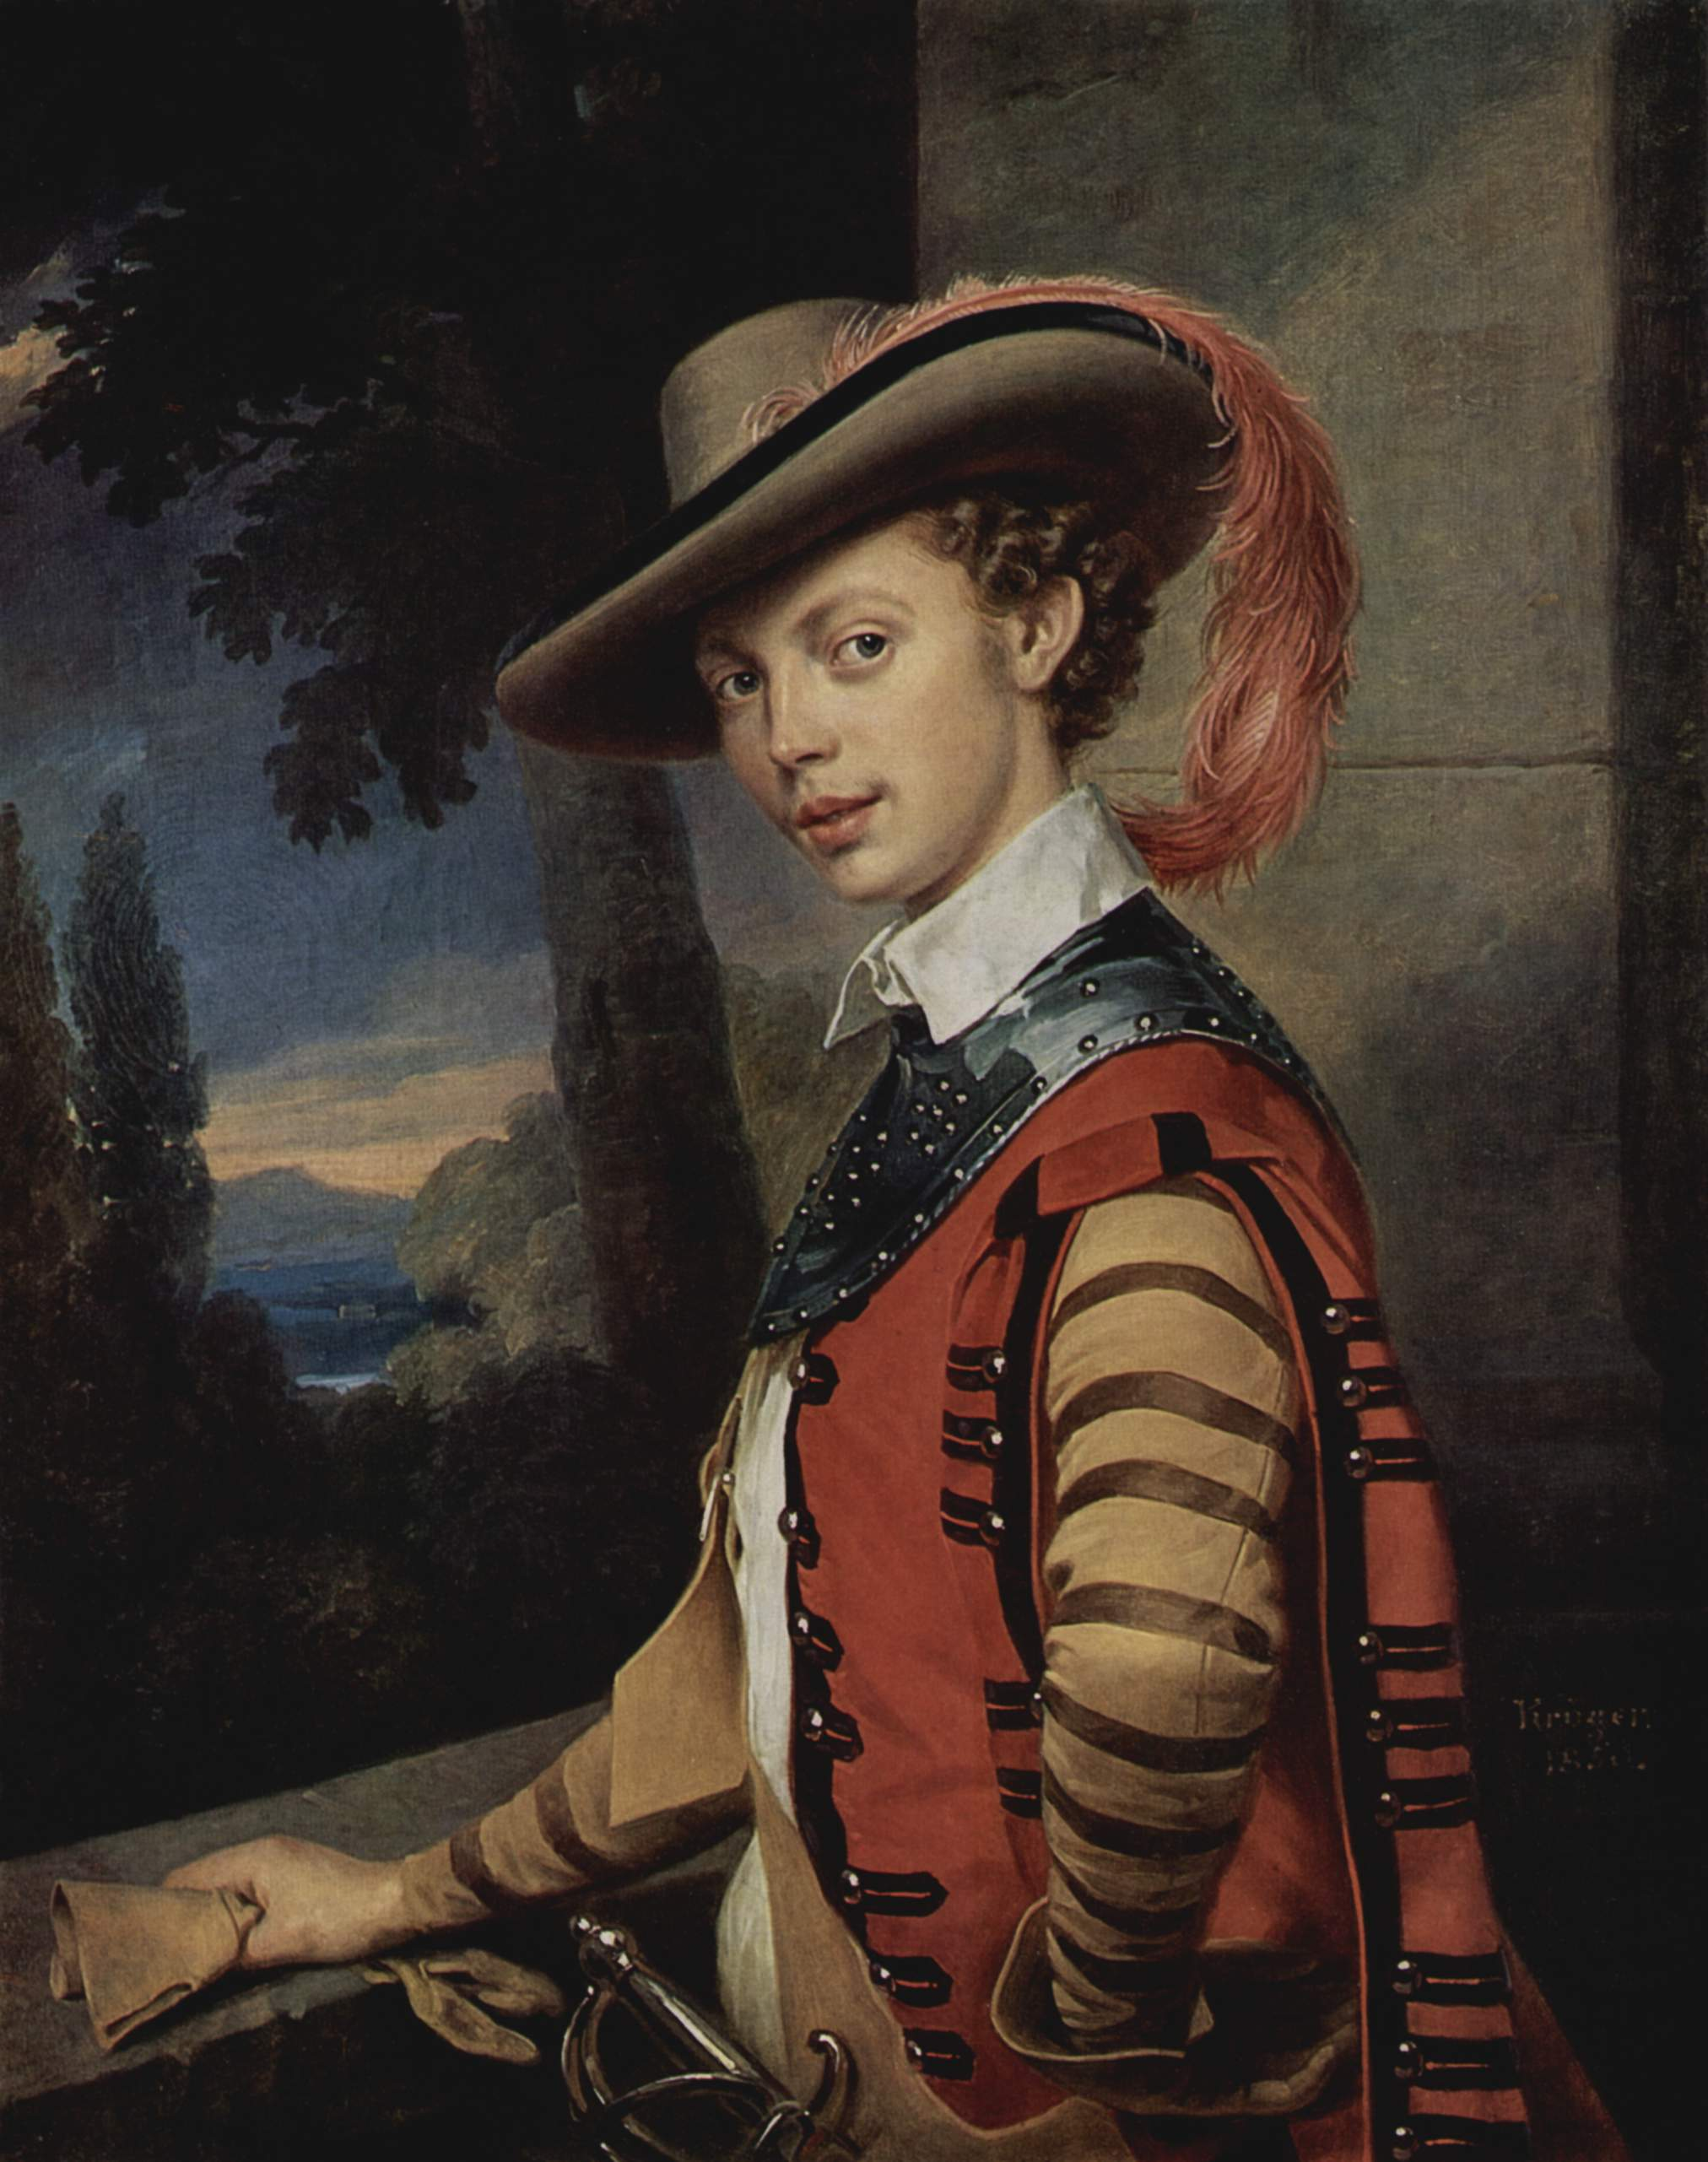 Портрет графа Николая Салтыкова в наряде для костюмированного бала, Крюгер Франц